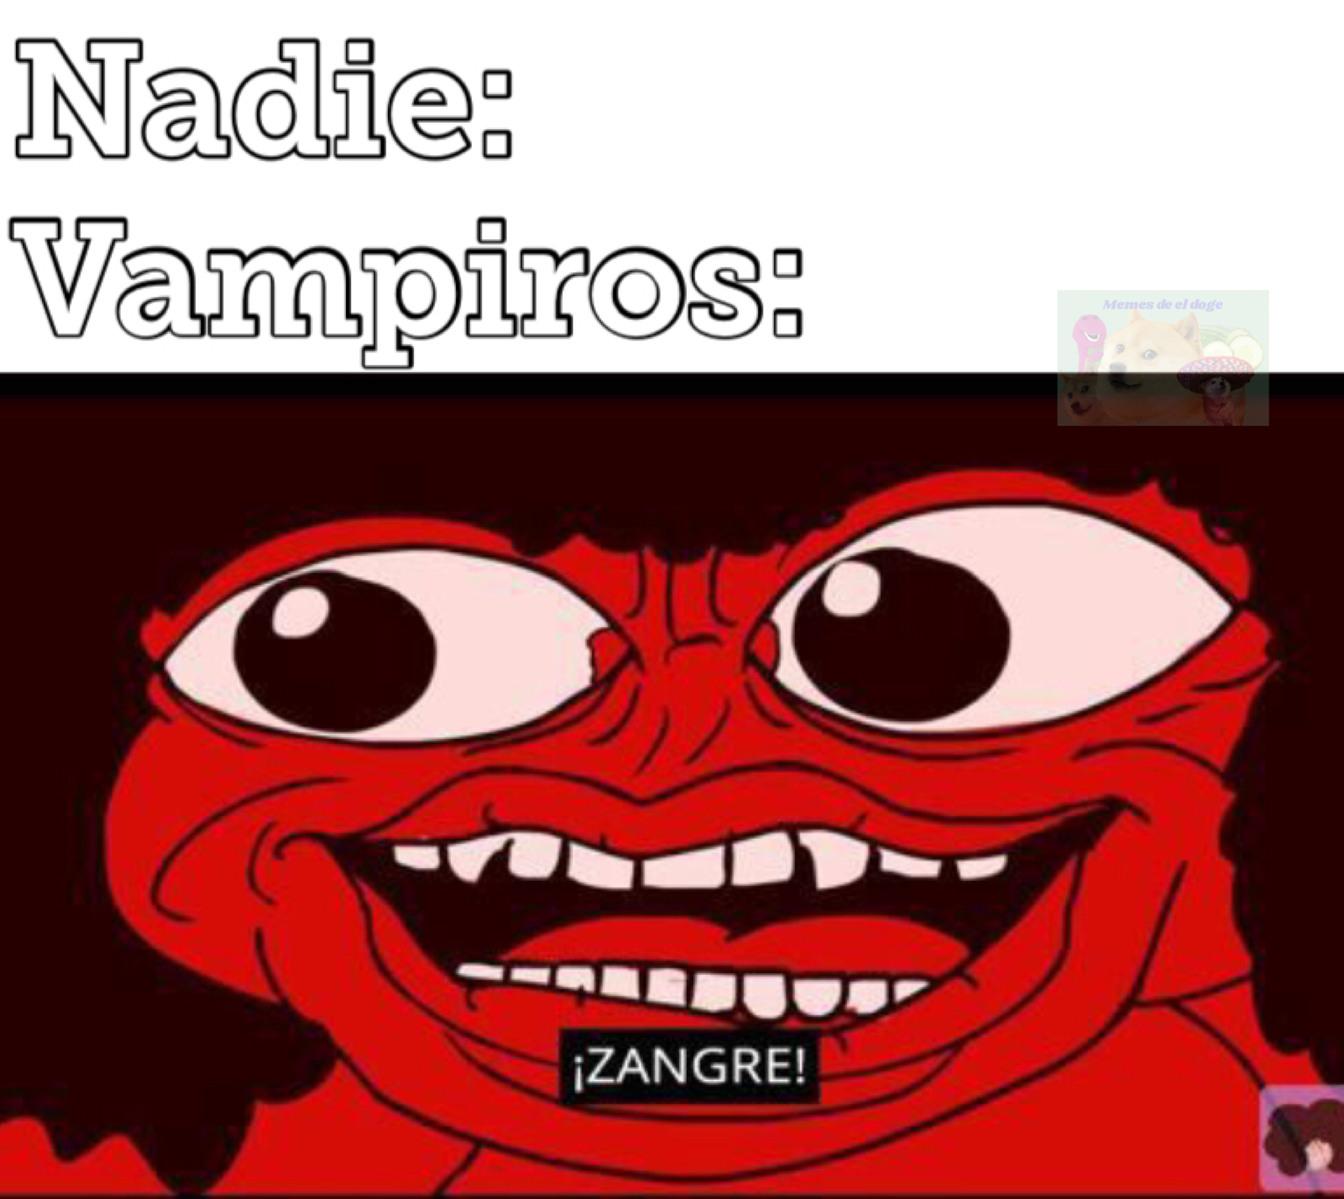 Zangre - meme